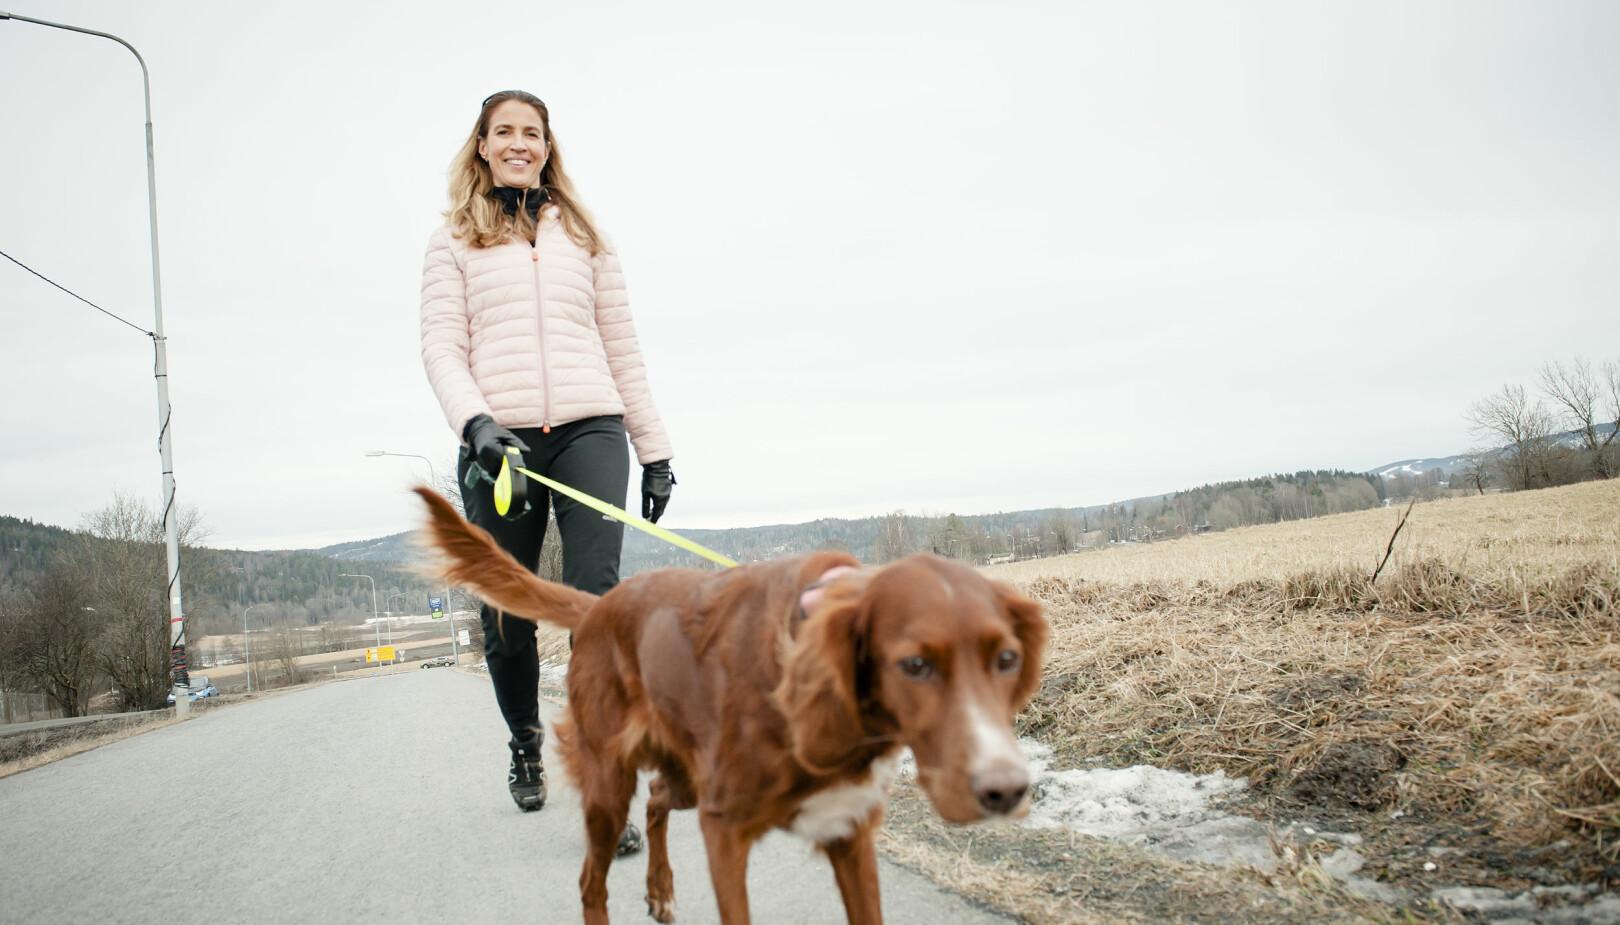 TURVENN: Heidi E. Kristiansen har hatt stor glede av hunden Fia, spesielt etter kreftdiagnosen.